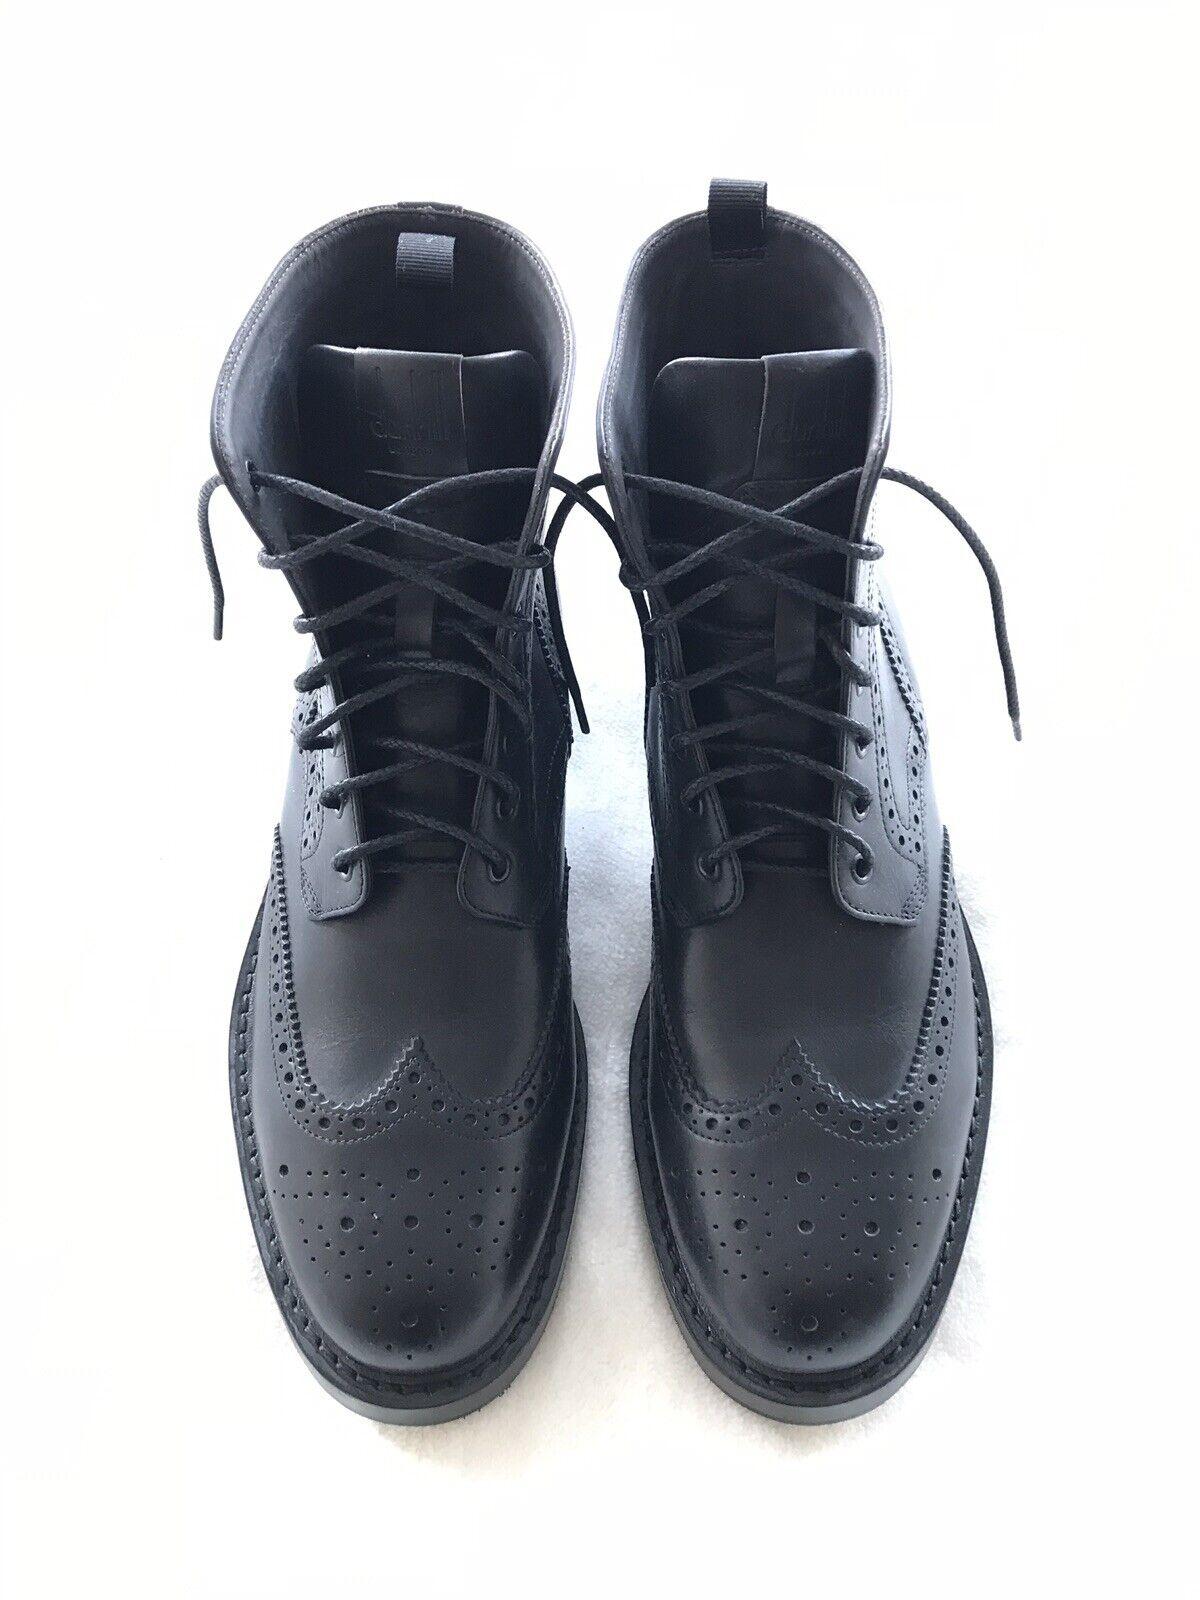 Dunhill botas Nuevo Tamaño 9